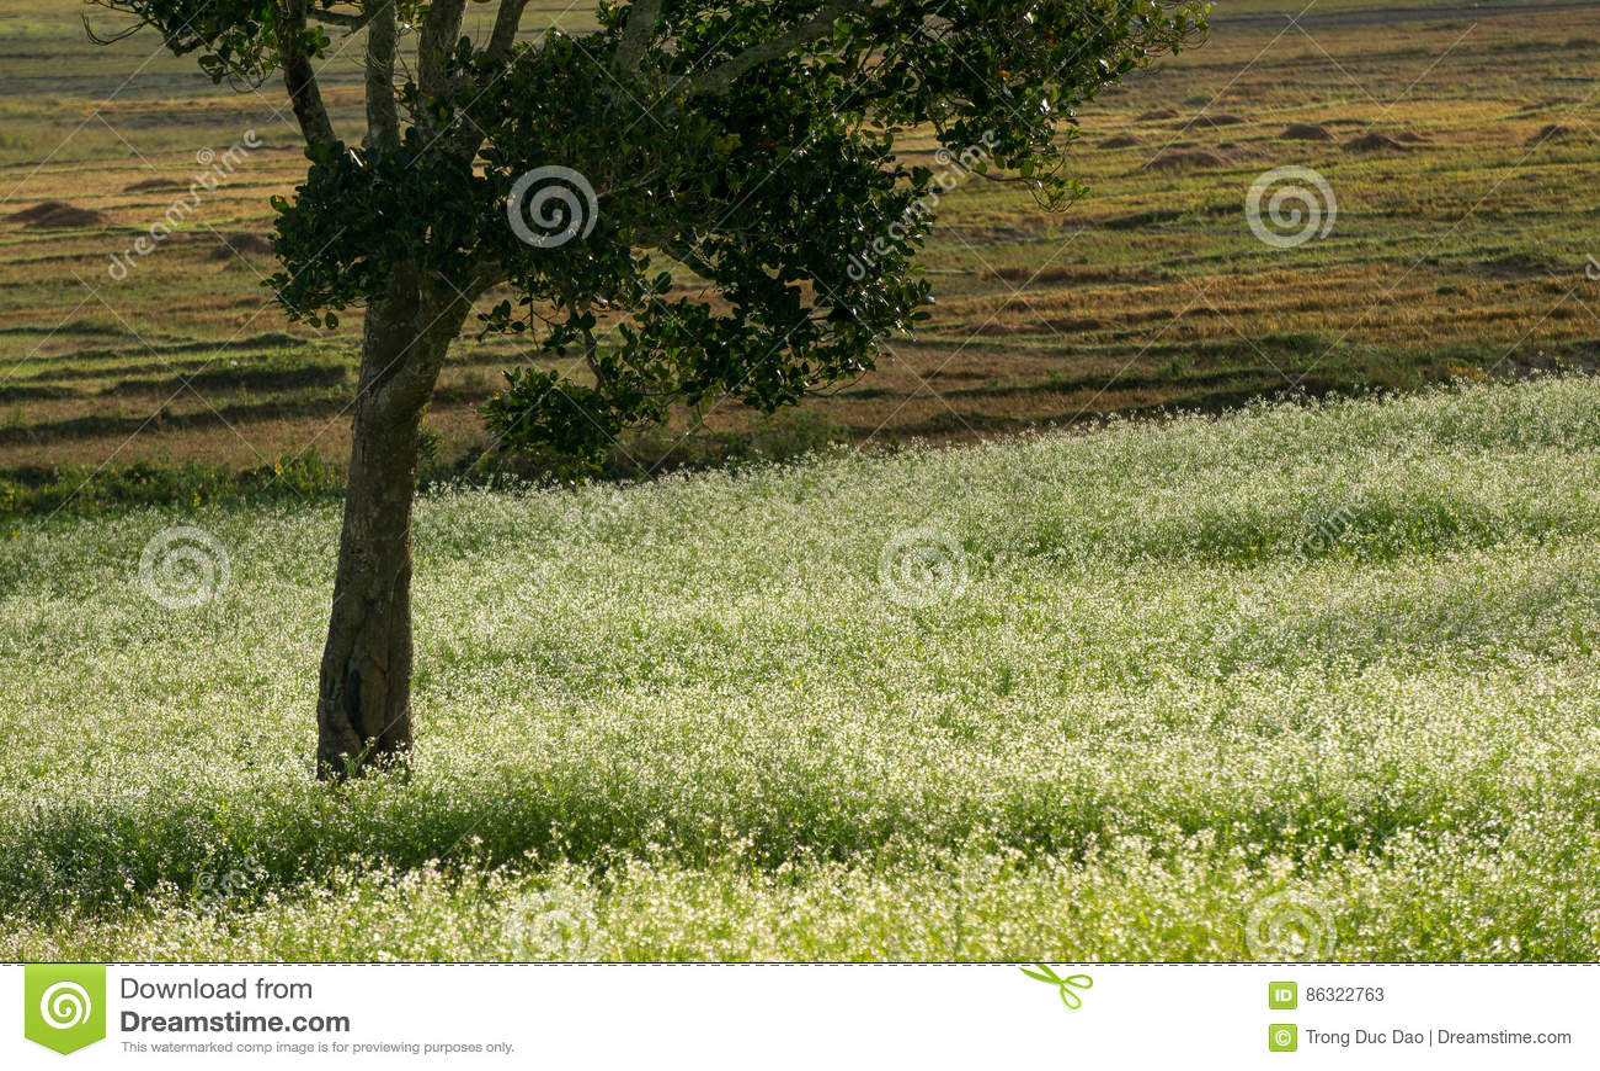 грейте на солнце и поле мустарда с белым цветком в DonDuong - Dalat- Вьетнаме